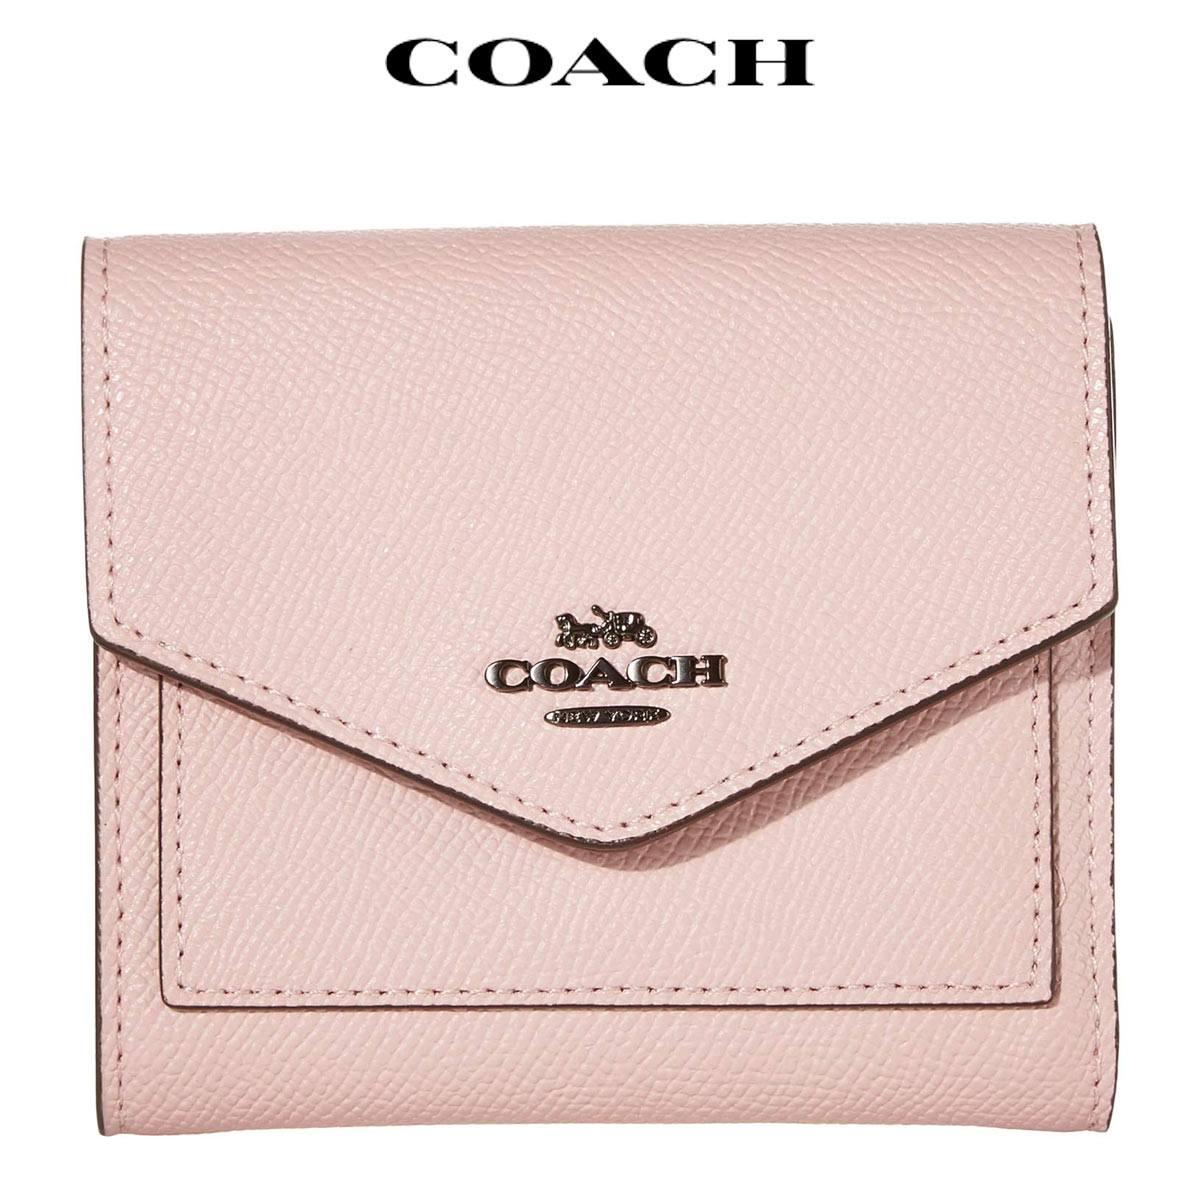 コーチ 財布 三つ折り アウトレット ピンク 三つ折り財布 レディース 折り財布 ミニ財布 Coach